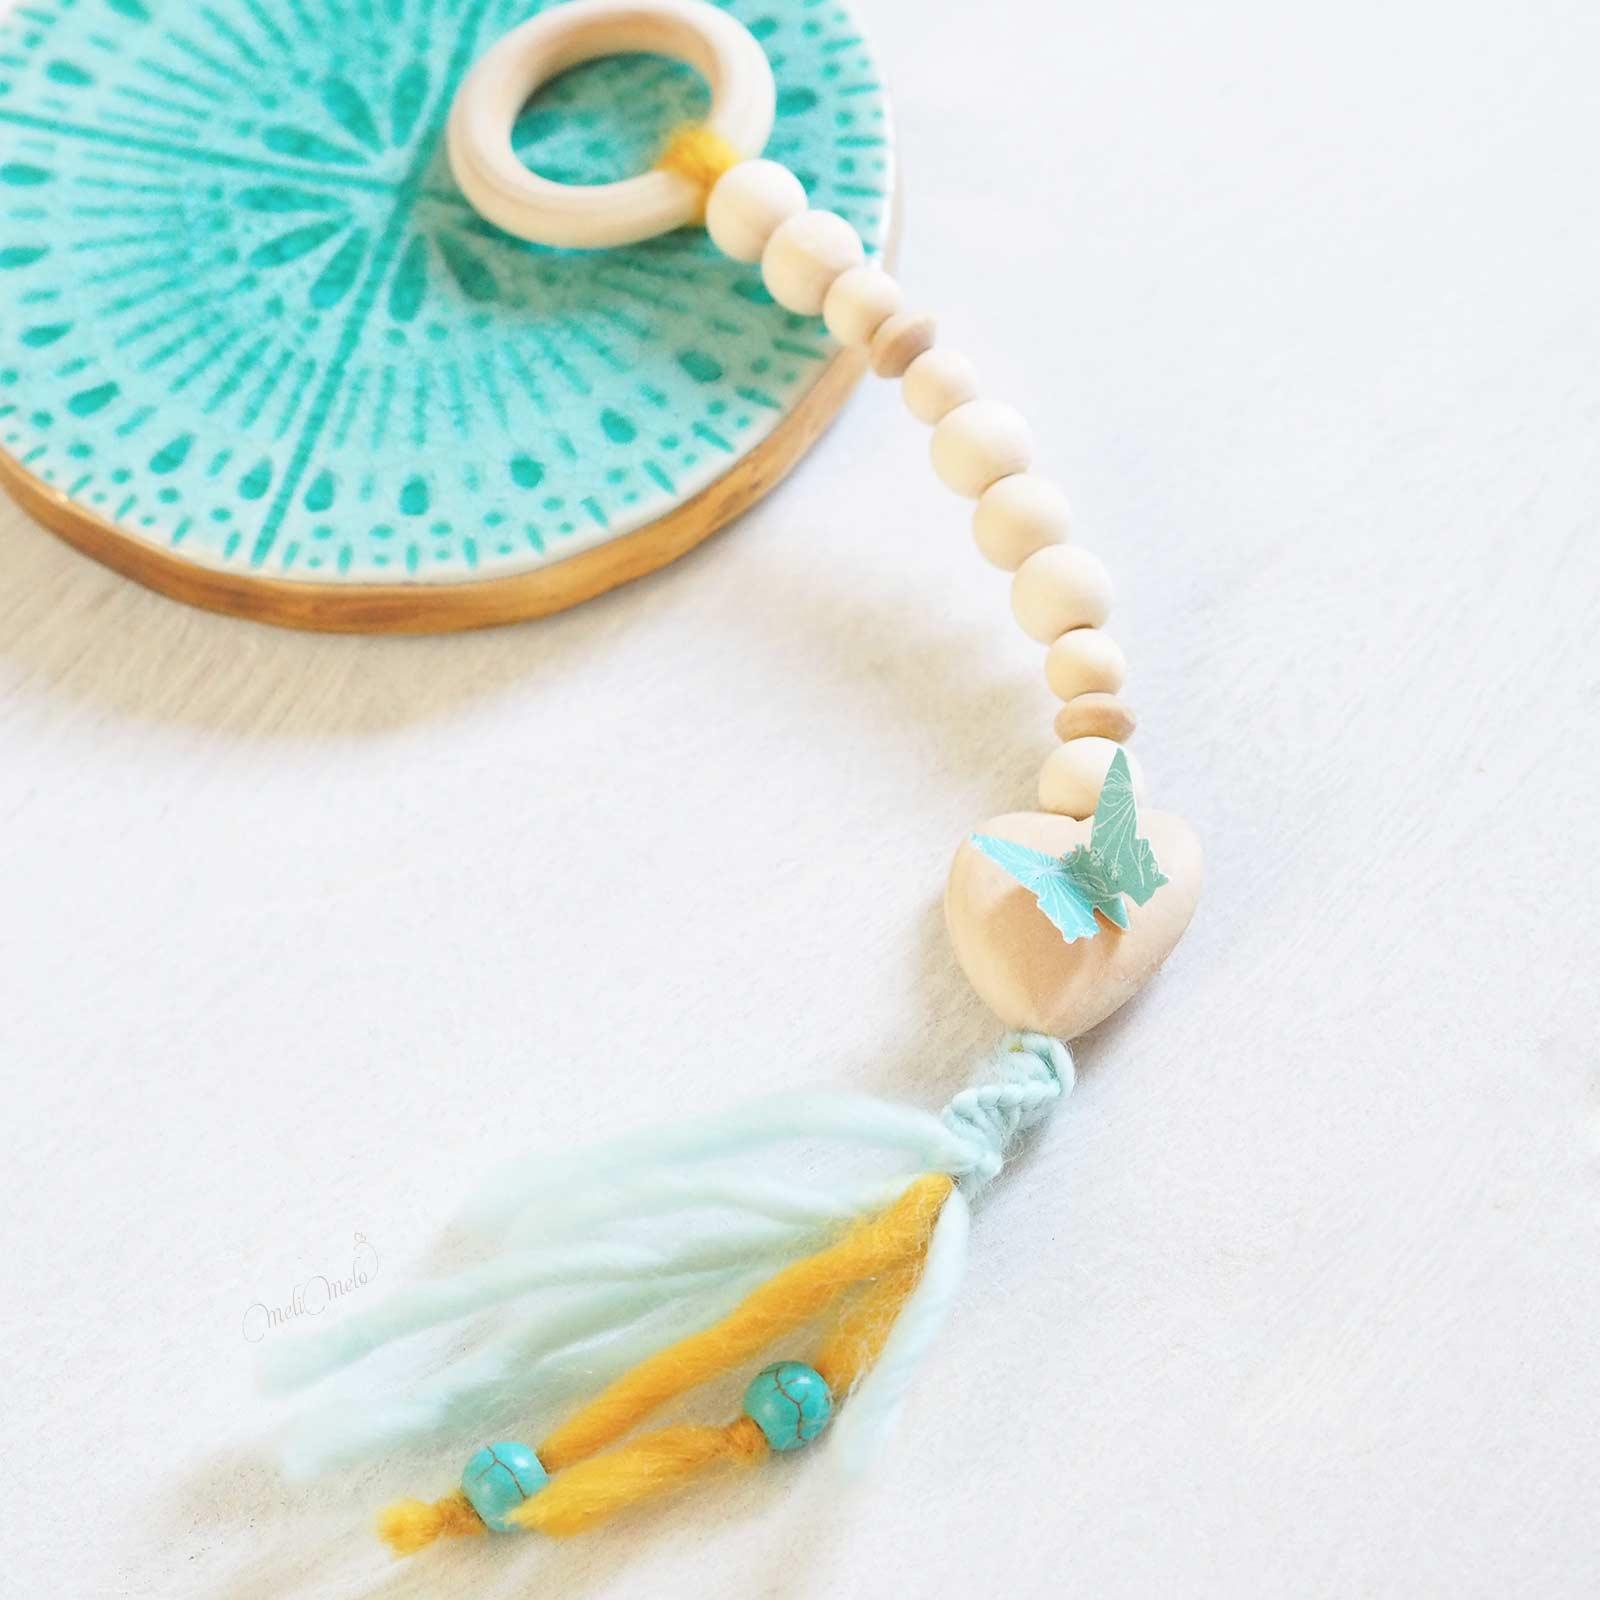 happymail bleu grigri bois porte-bonheur crafts scrapbooking laboutiquedemelimelo